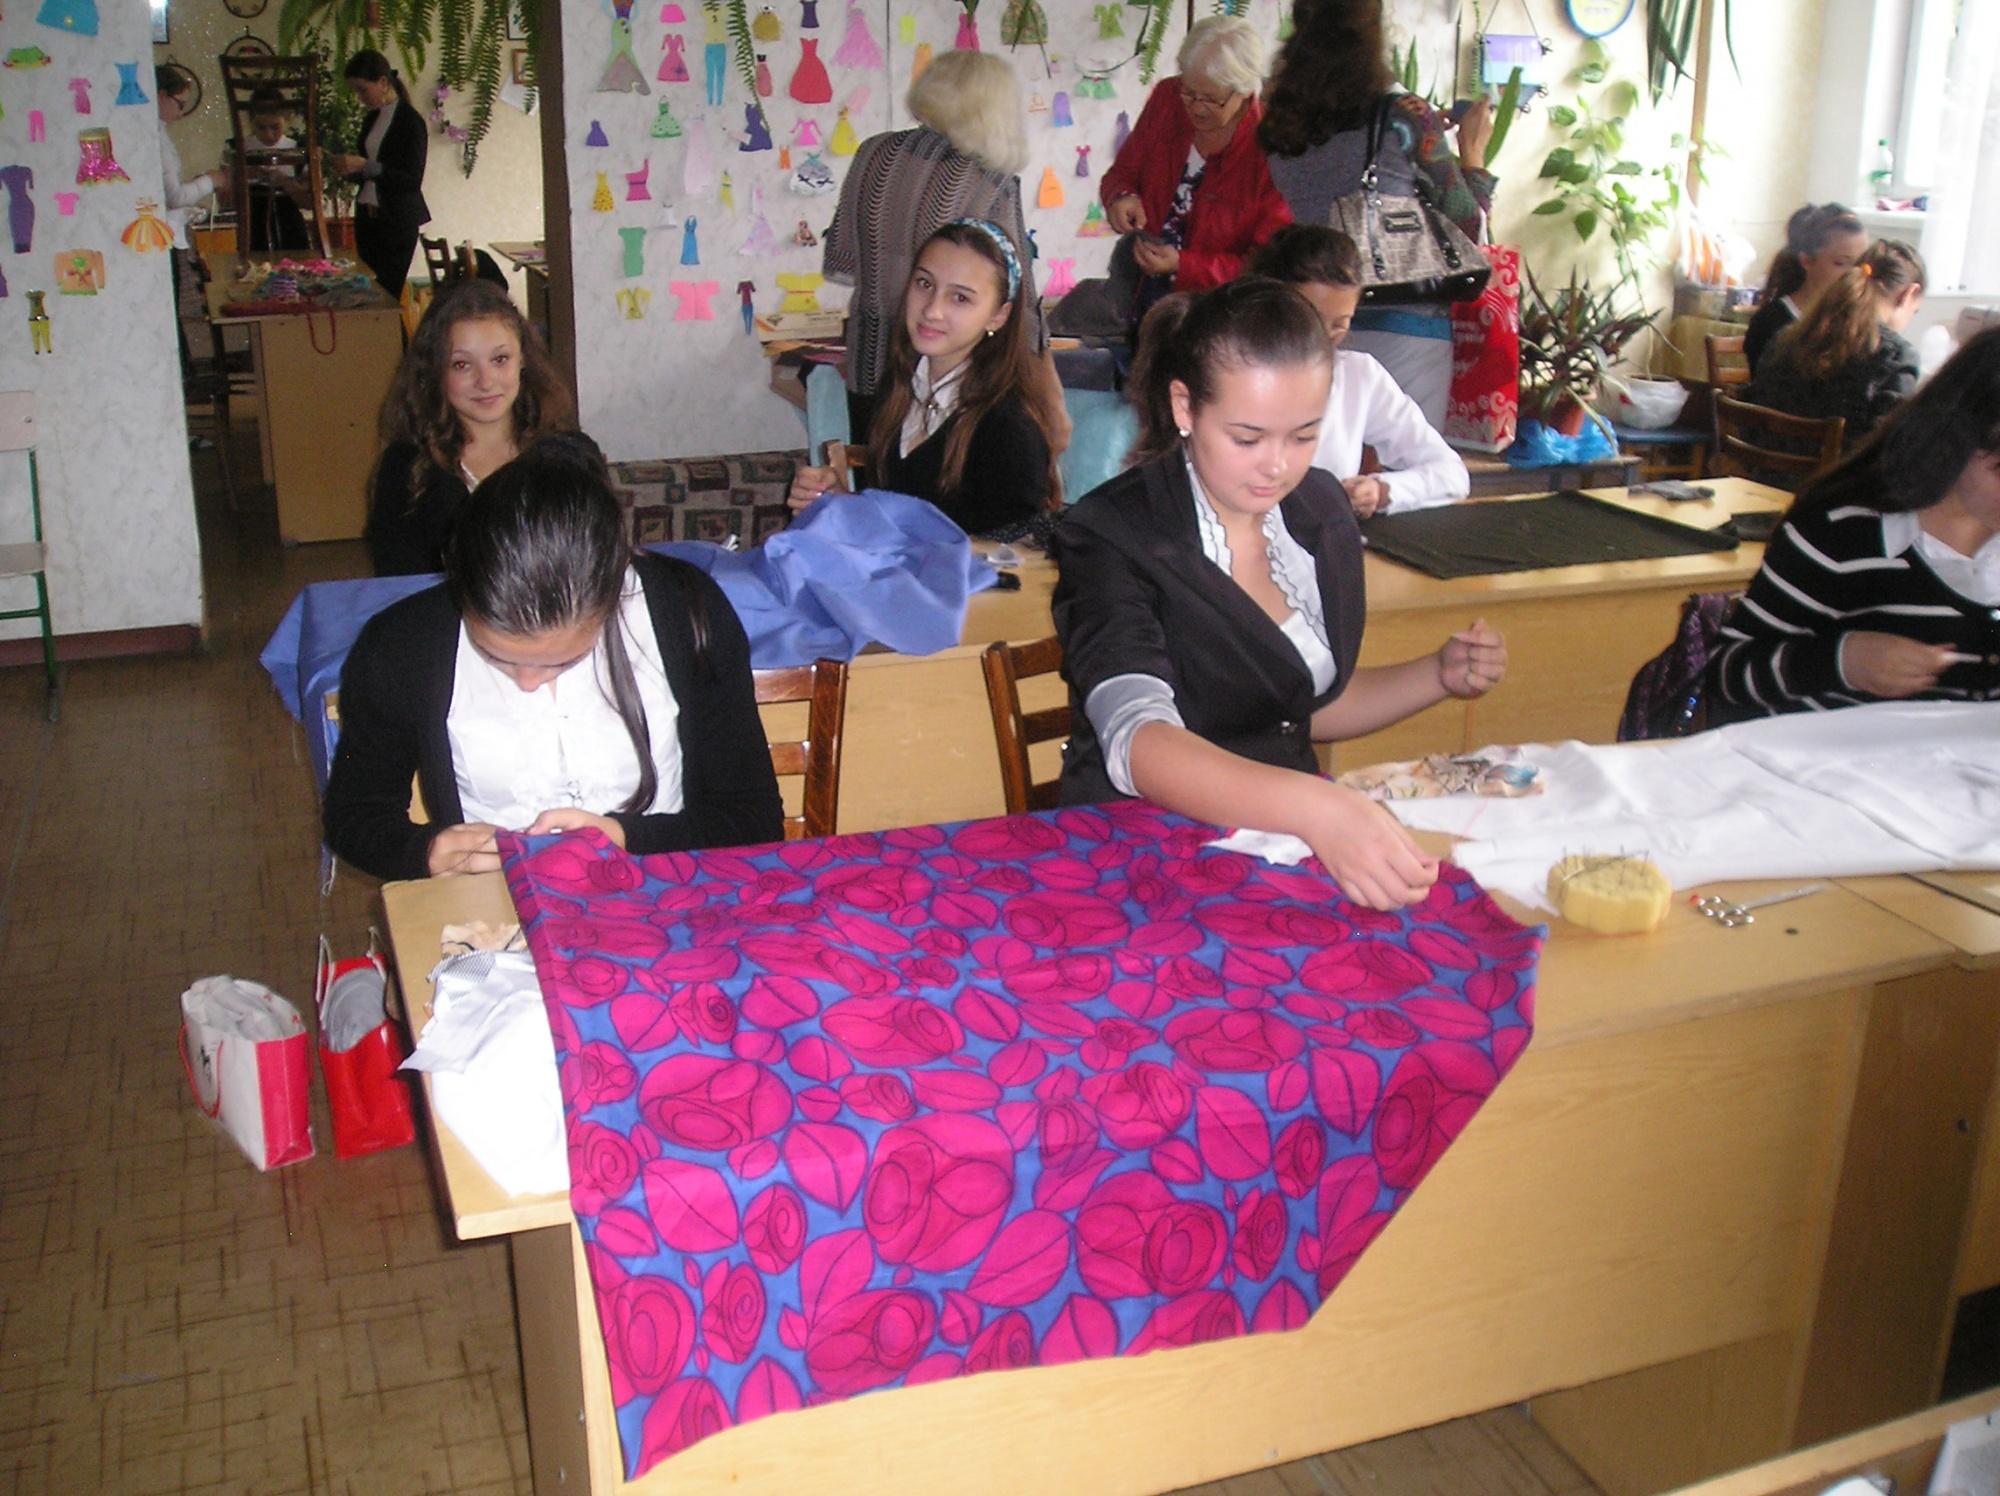 moldavië vrouwen goede doel